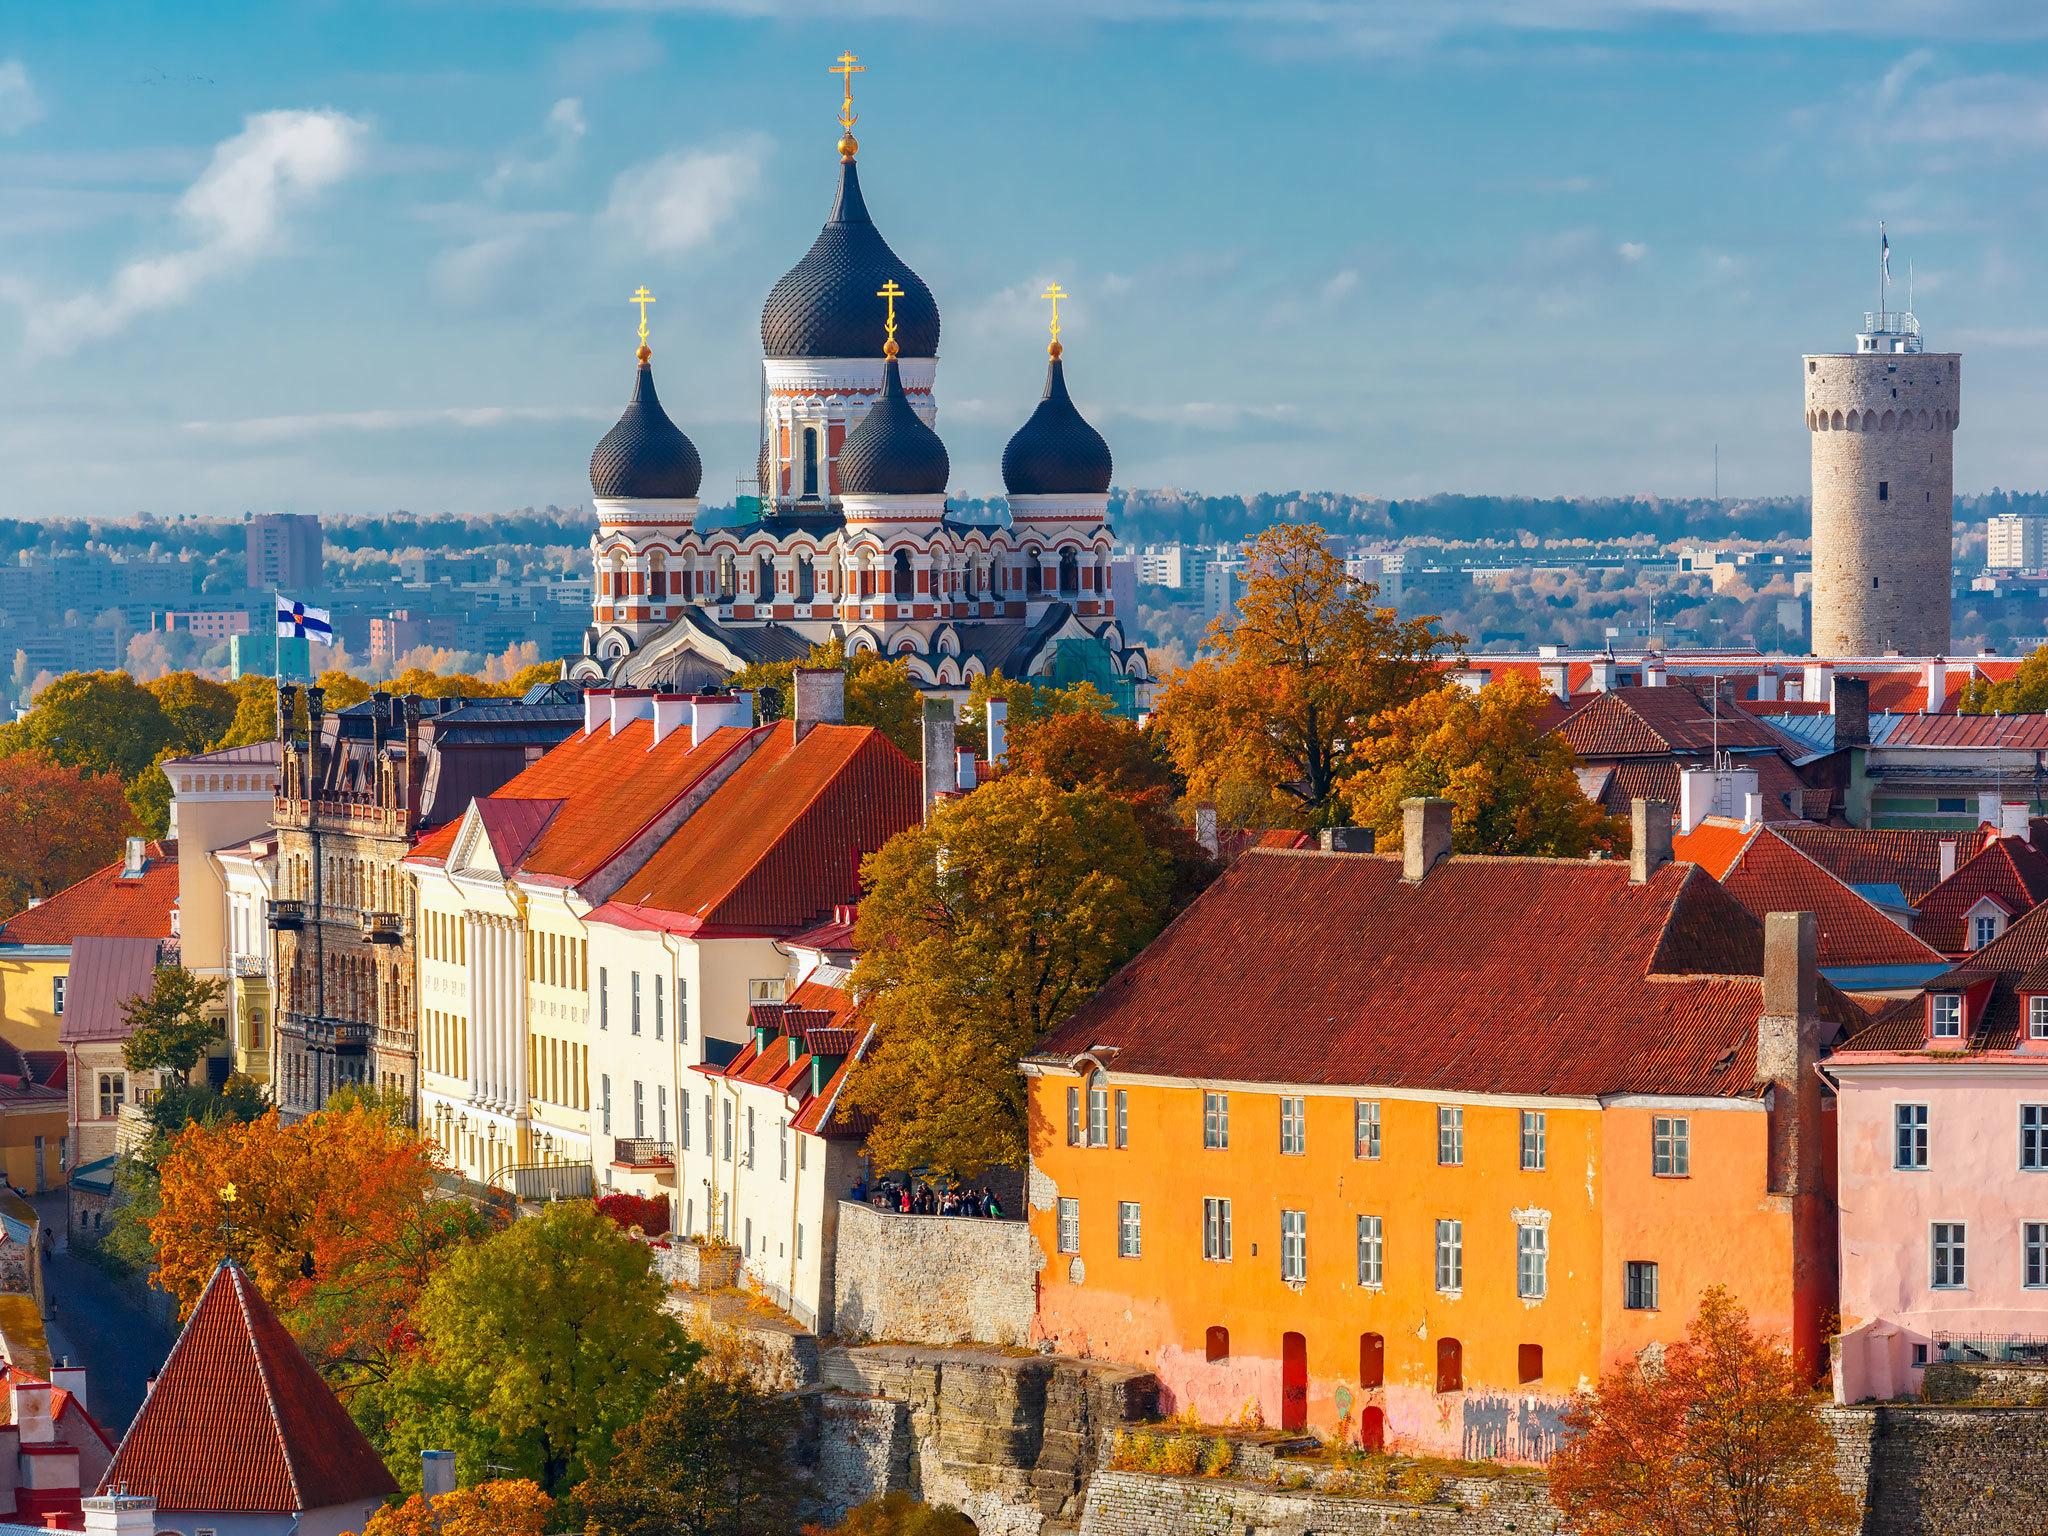 Views of Tallinn old town